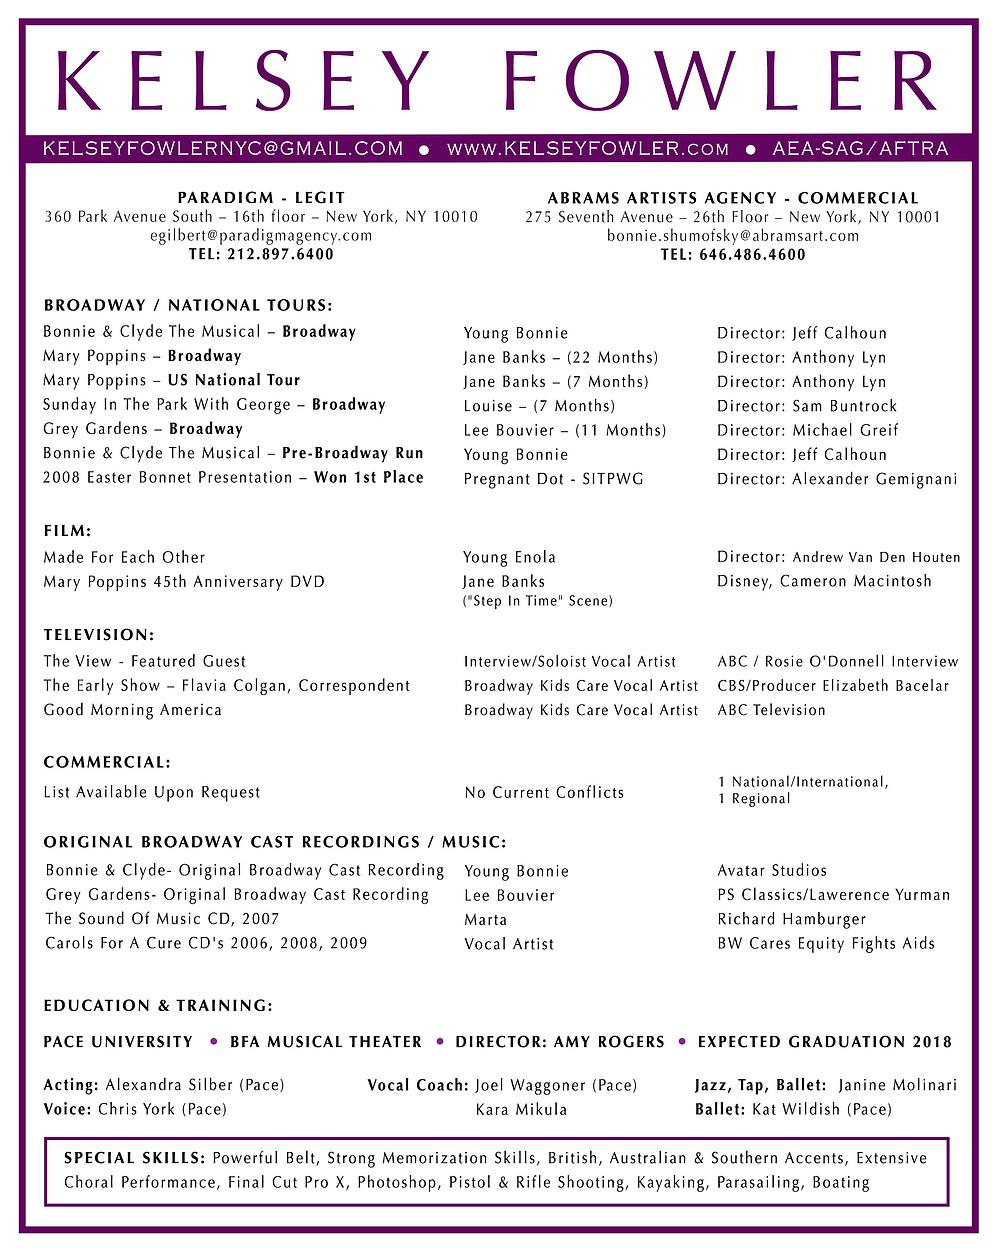 Kelsey Fowler's Resume.jpg